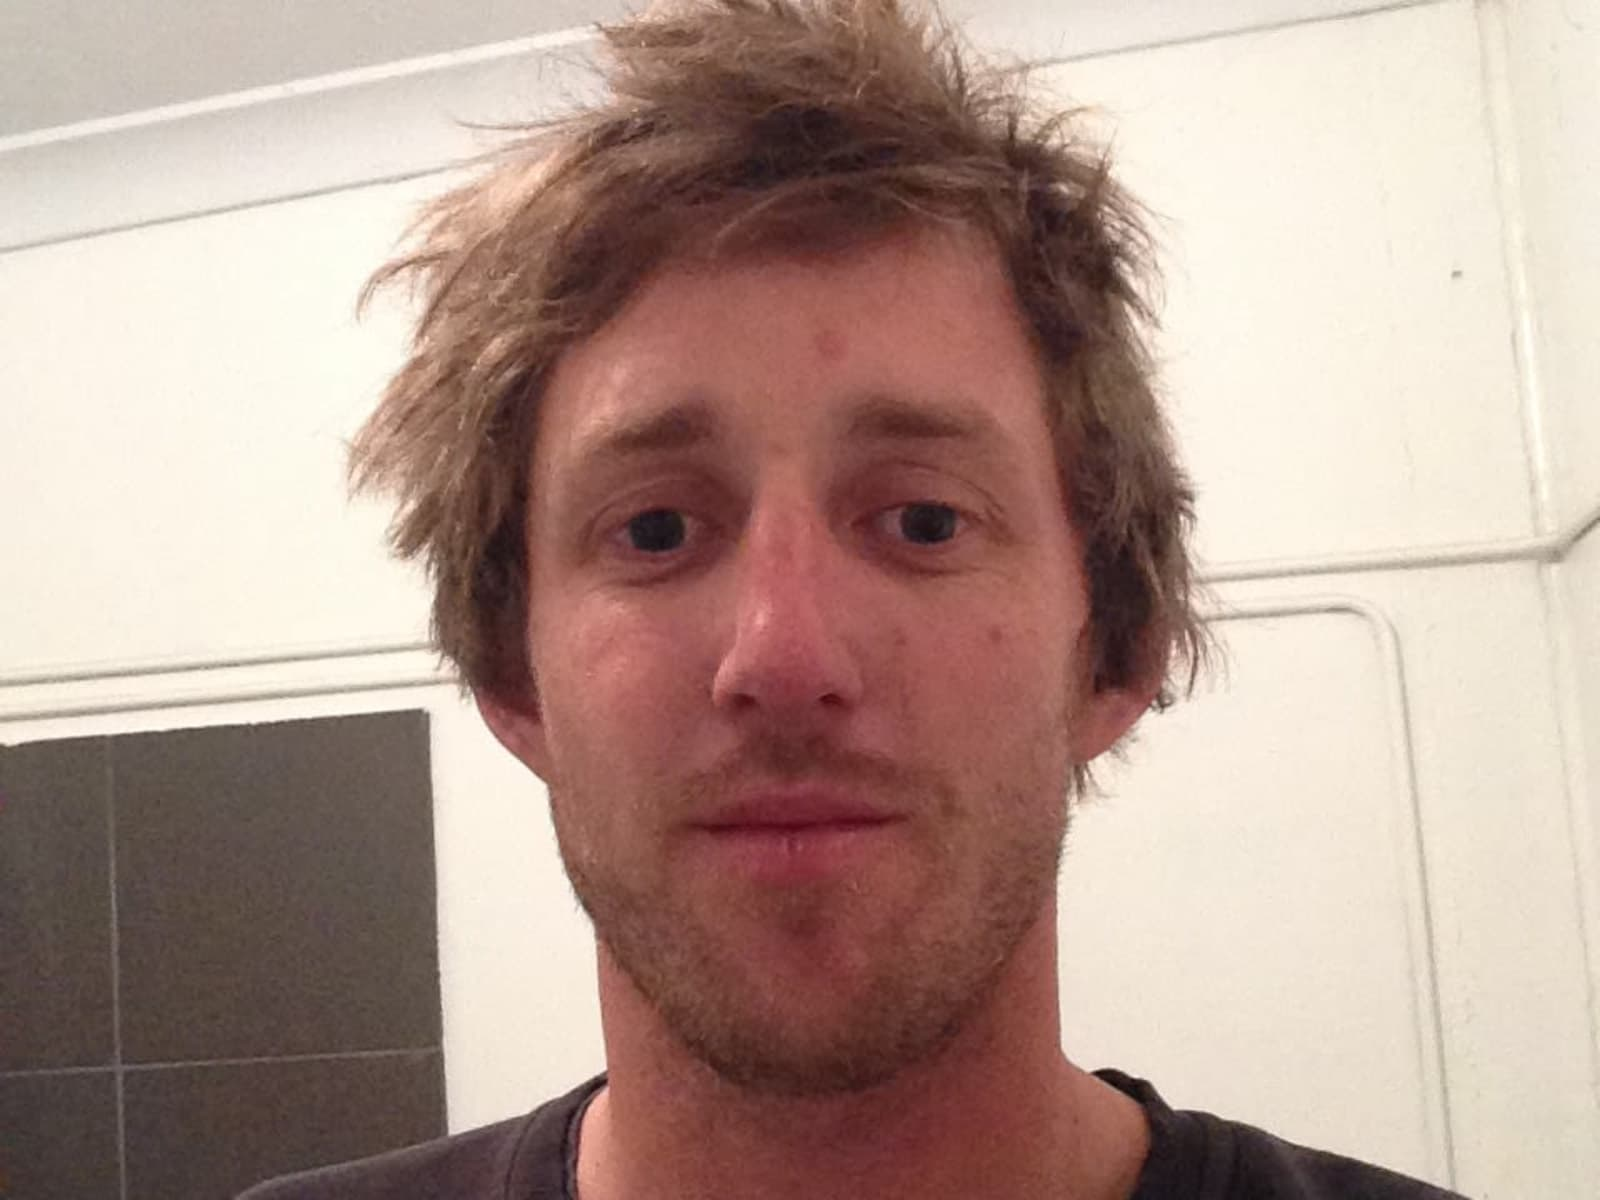 Michael from Queenstown, New Zealand